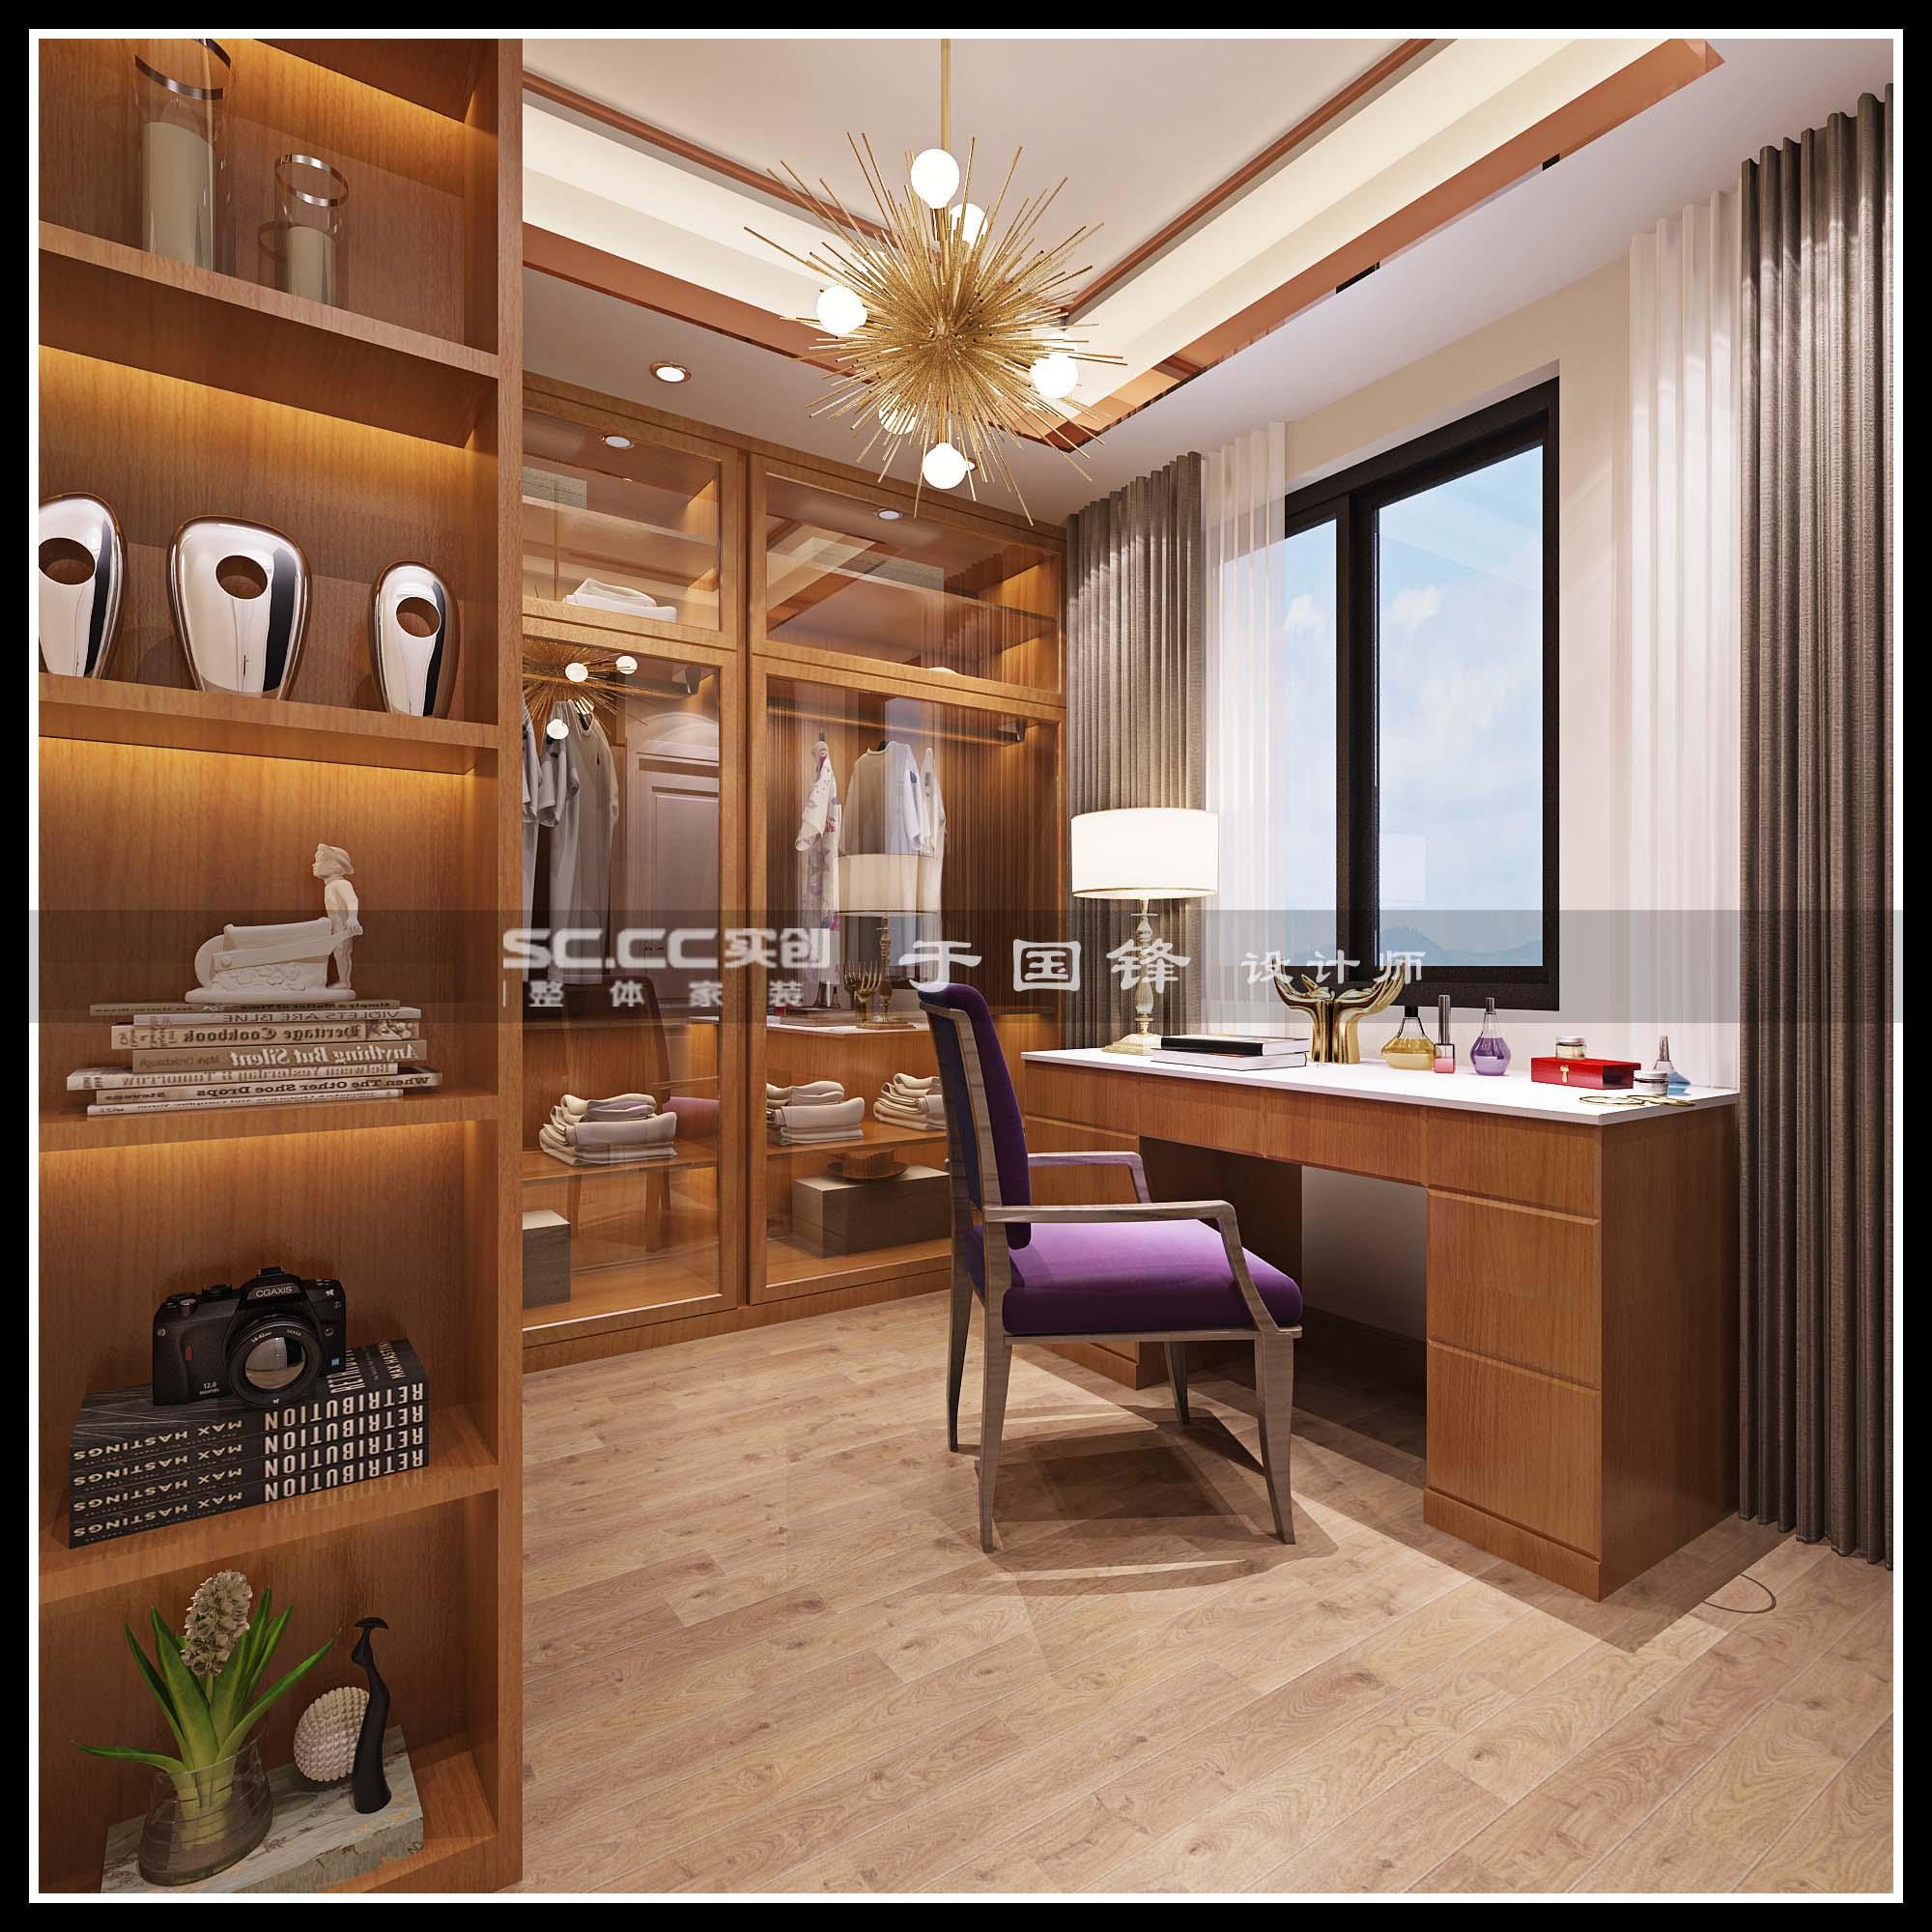 港式 别墅 世茂 玲珑台 书房图片来自快乐彩在世茂玲珑台240平联排别墅的分享